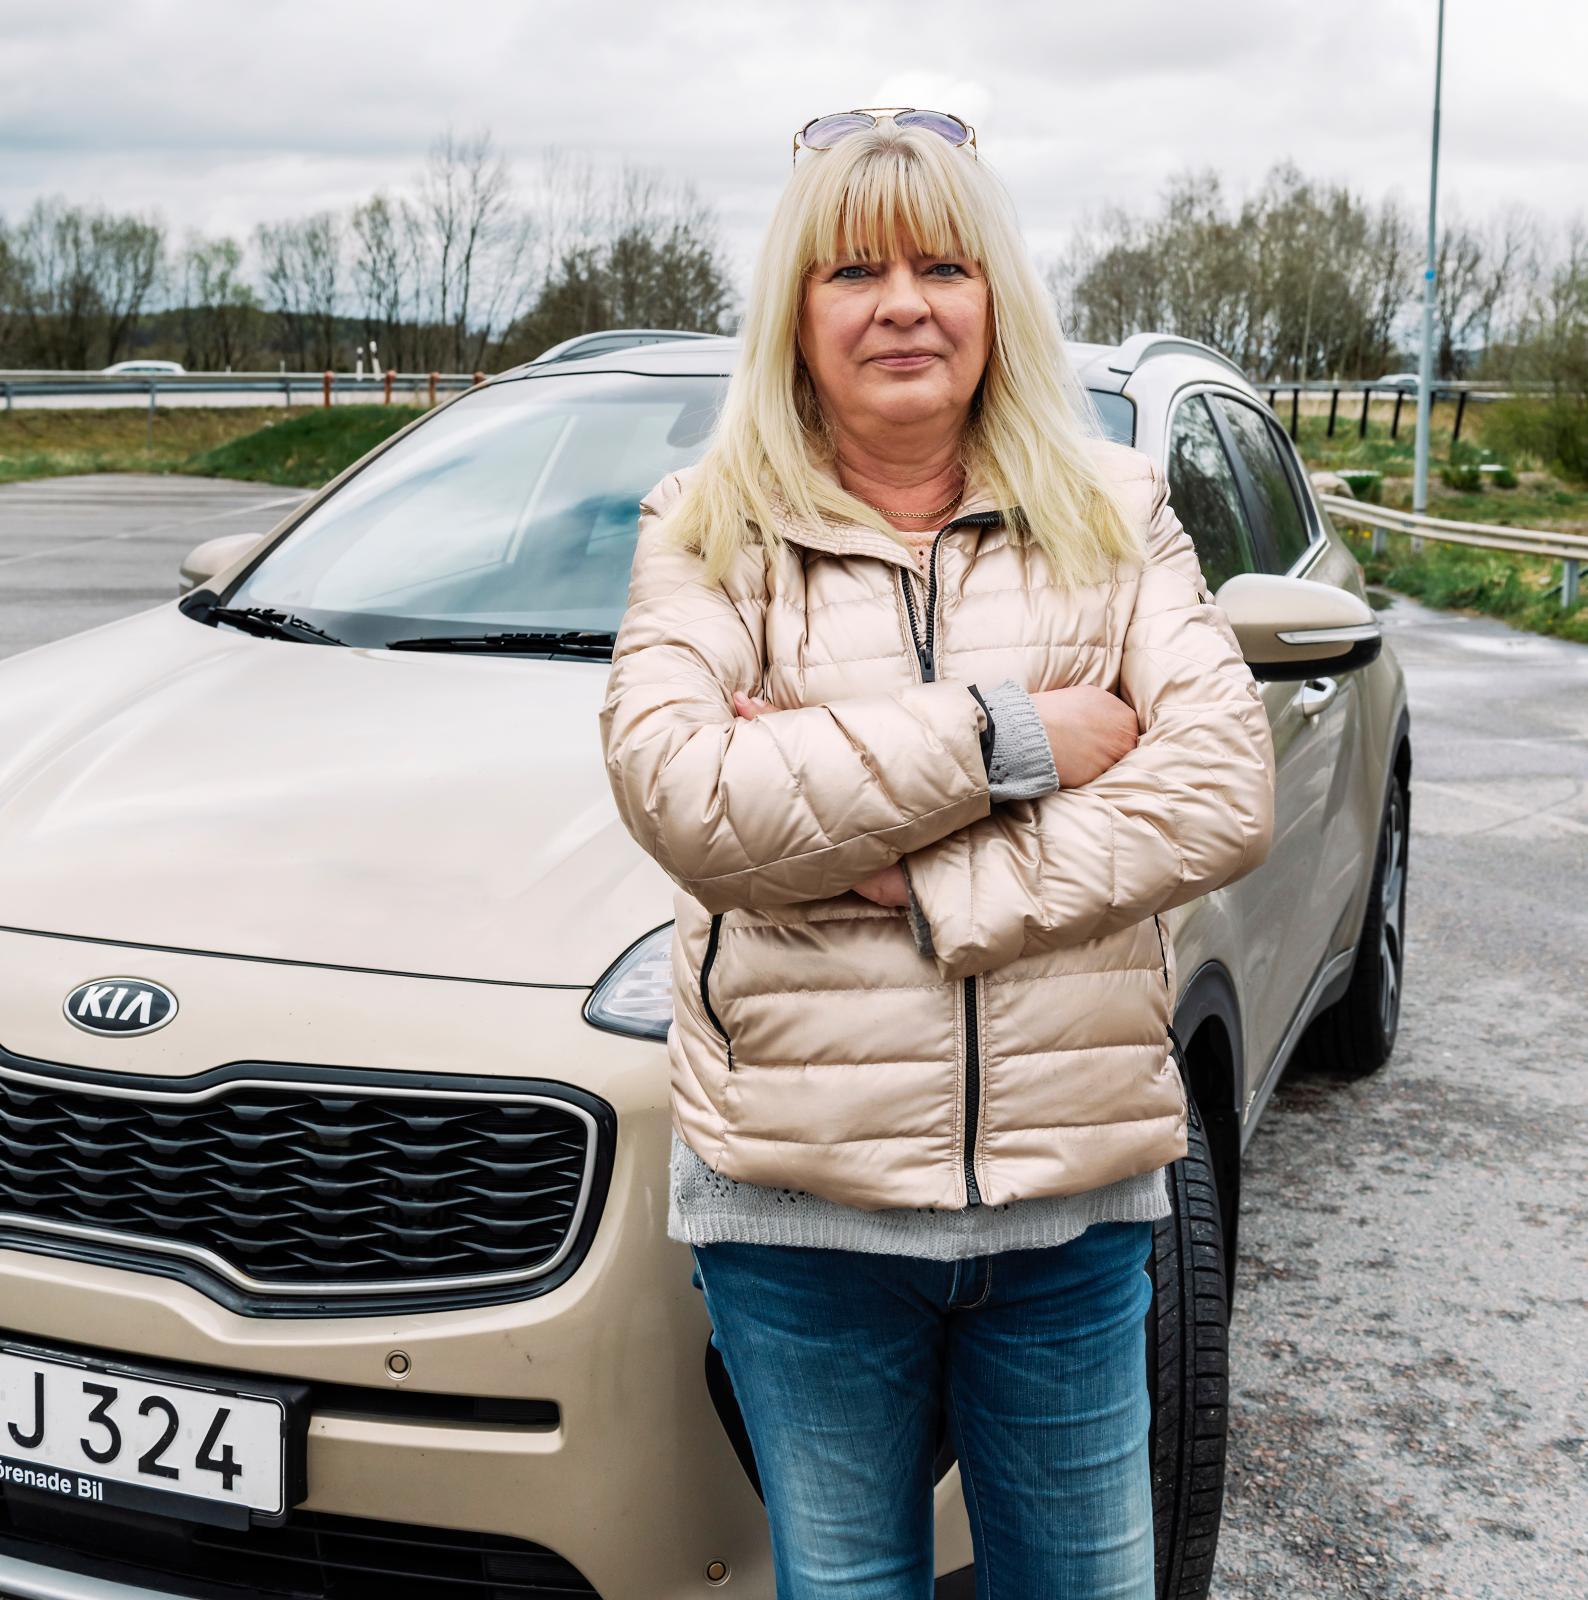 Glastaket på Chatarina Anderssons Kia exploderade när hon var på väg till jobbet.